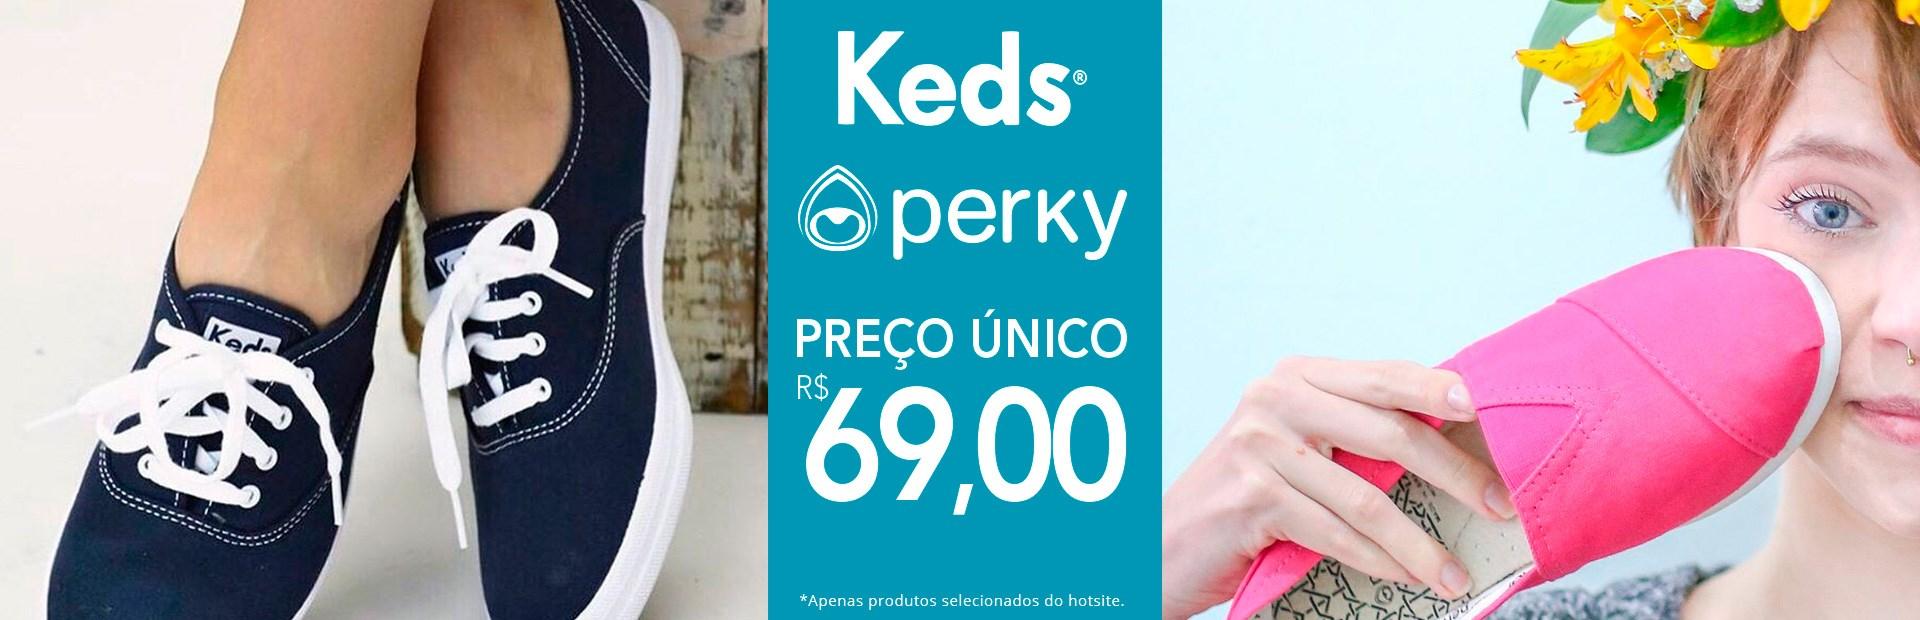 PREÇO ÚNICO KEDS - PERKY